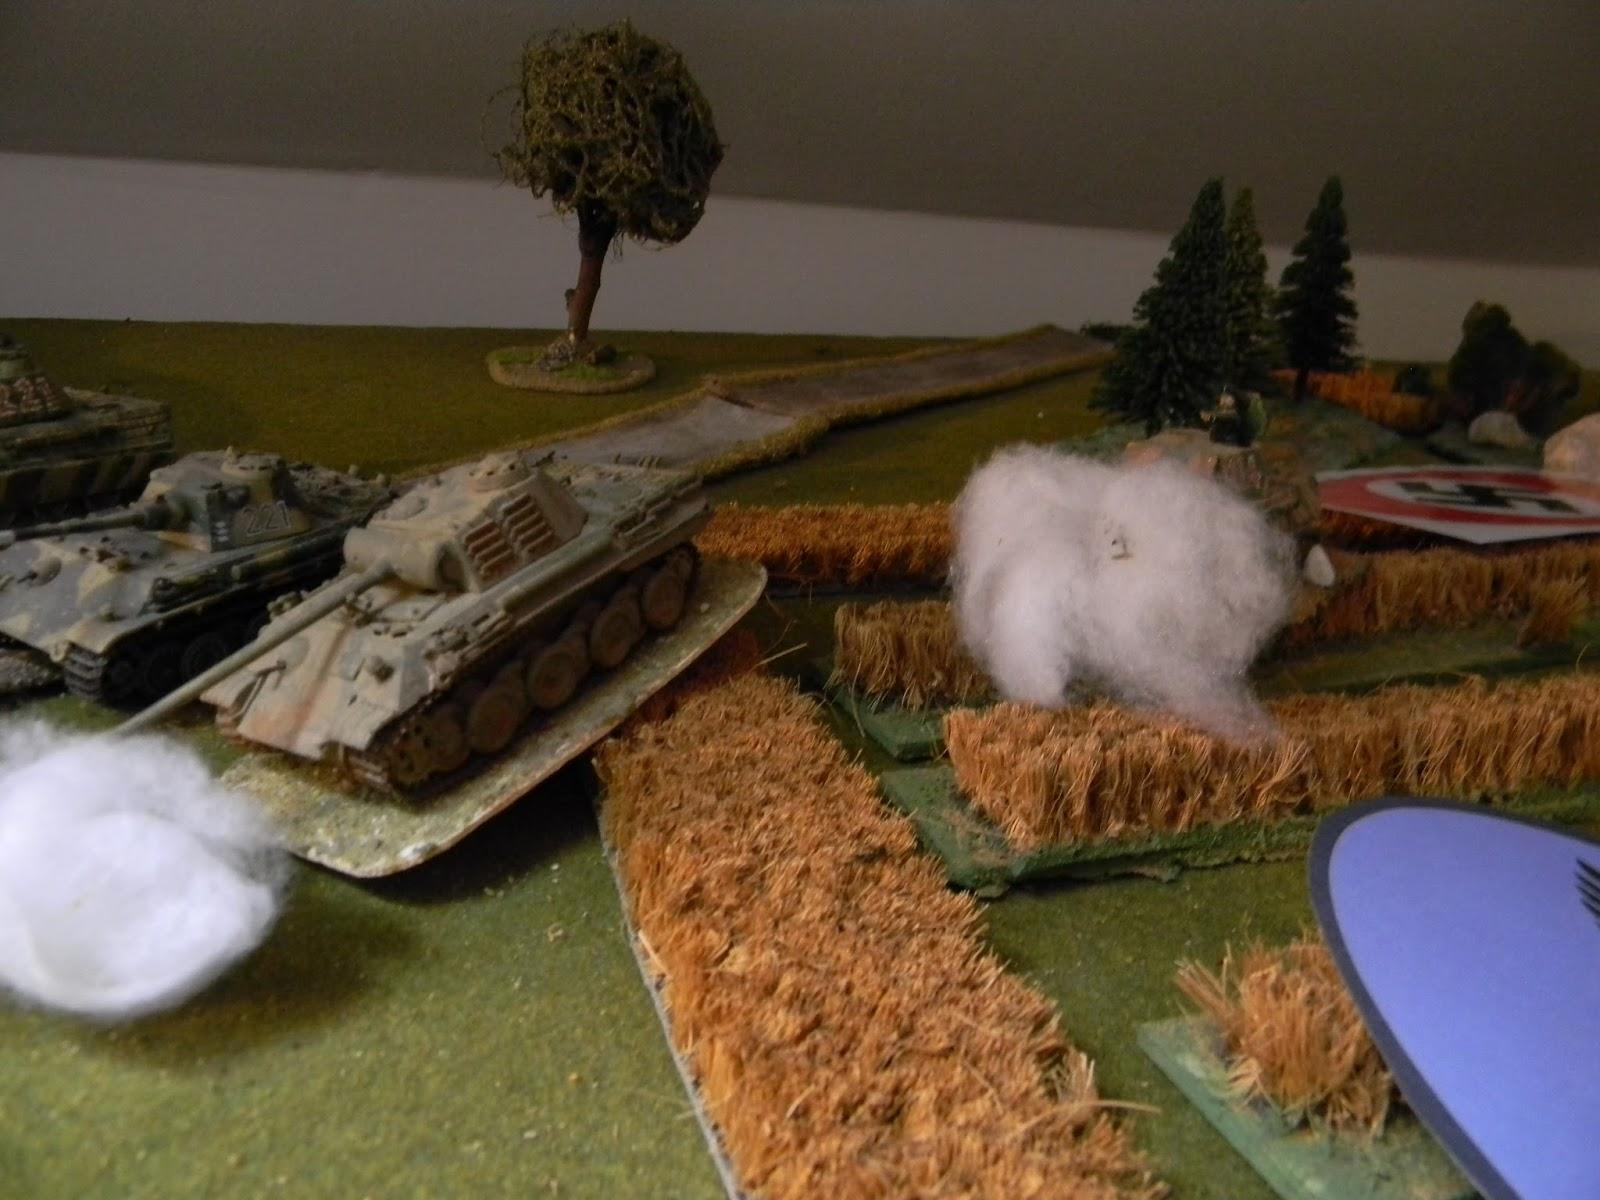 More 75mm tank gun fire...